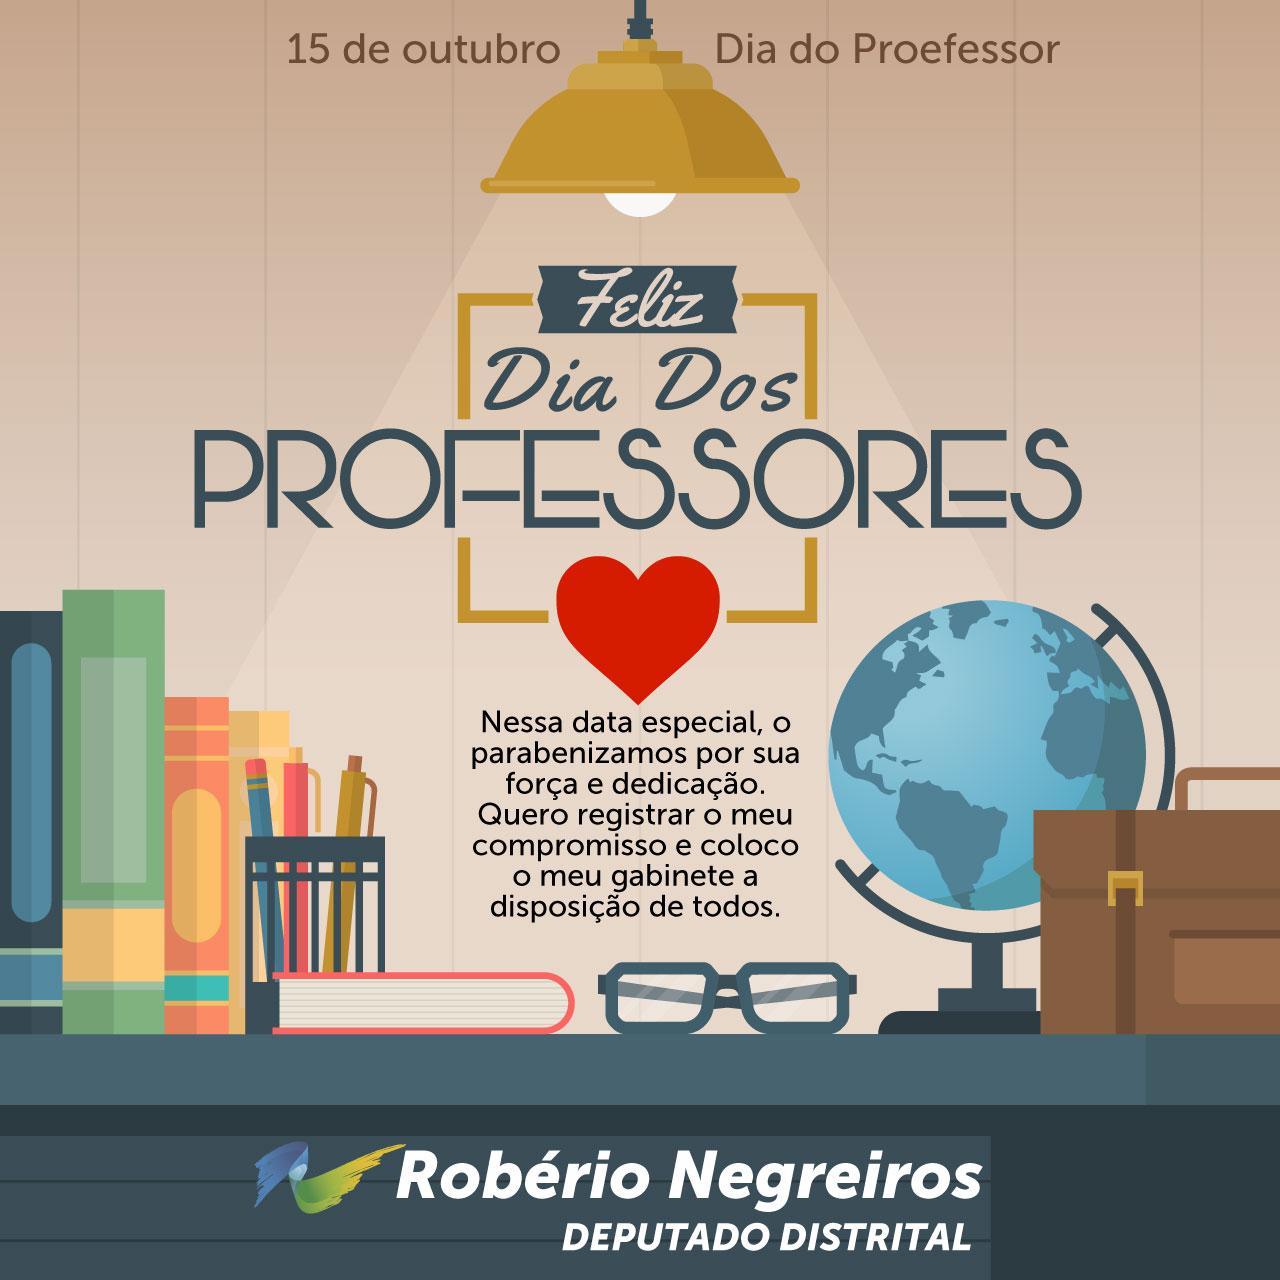 Feliz Dia Dos Professores Roberio Negreiros